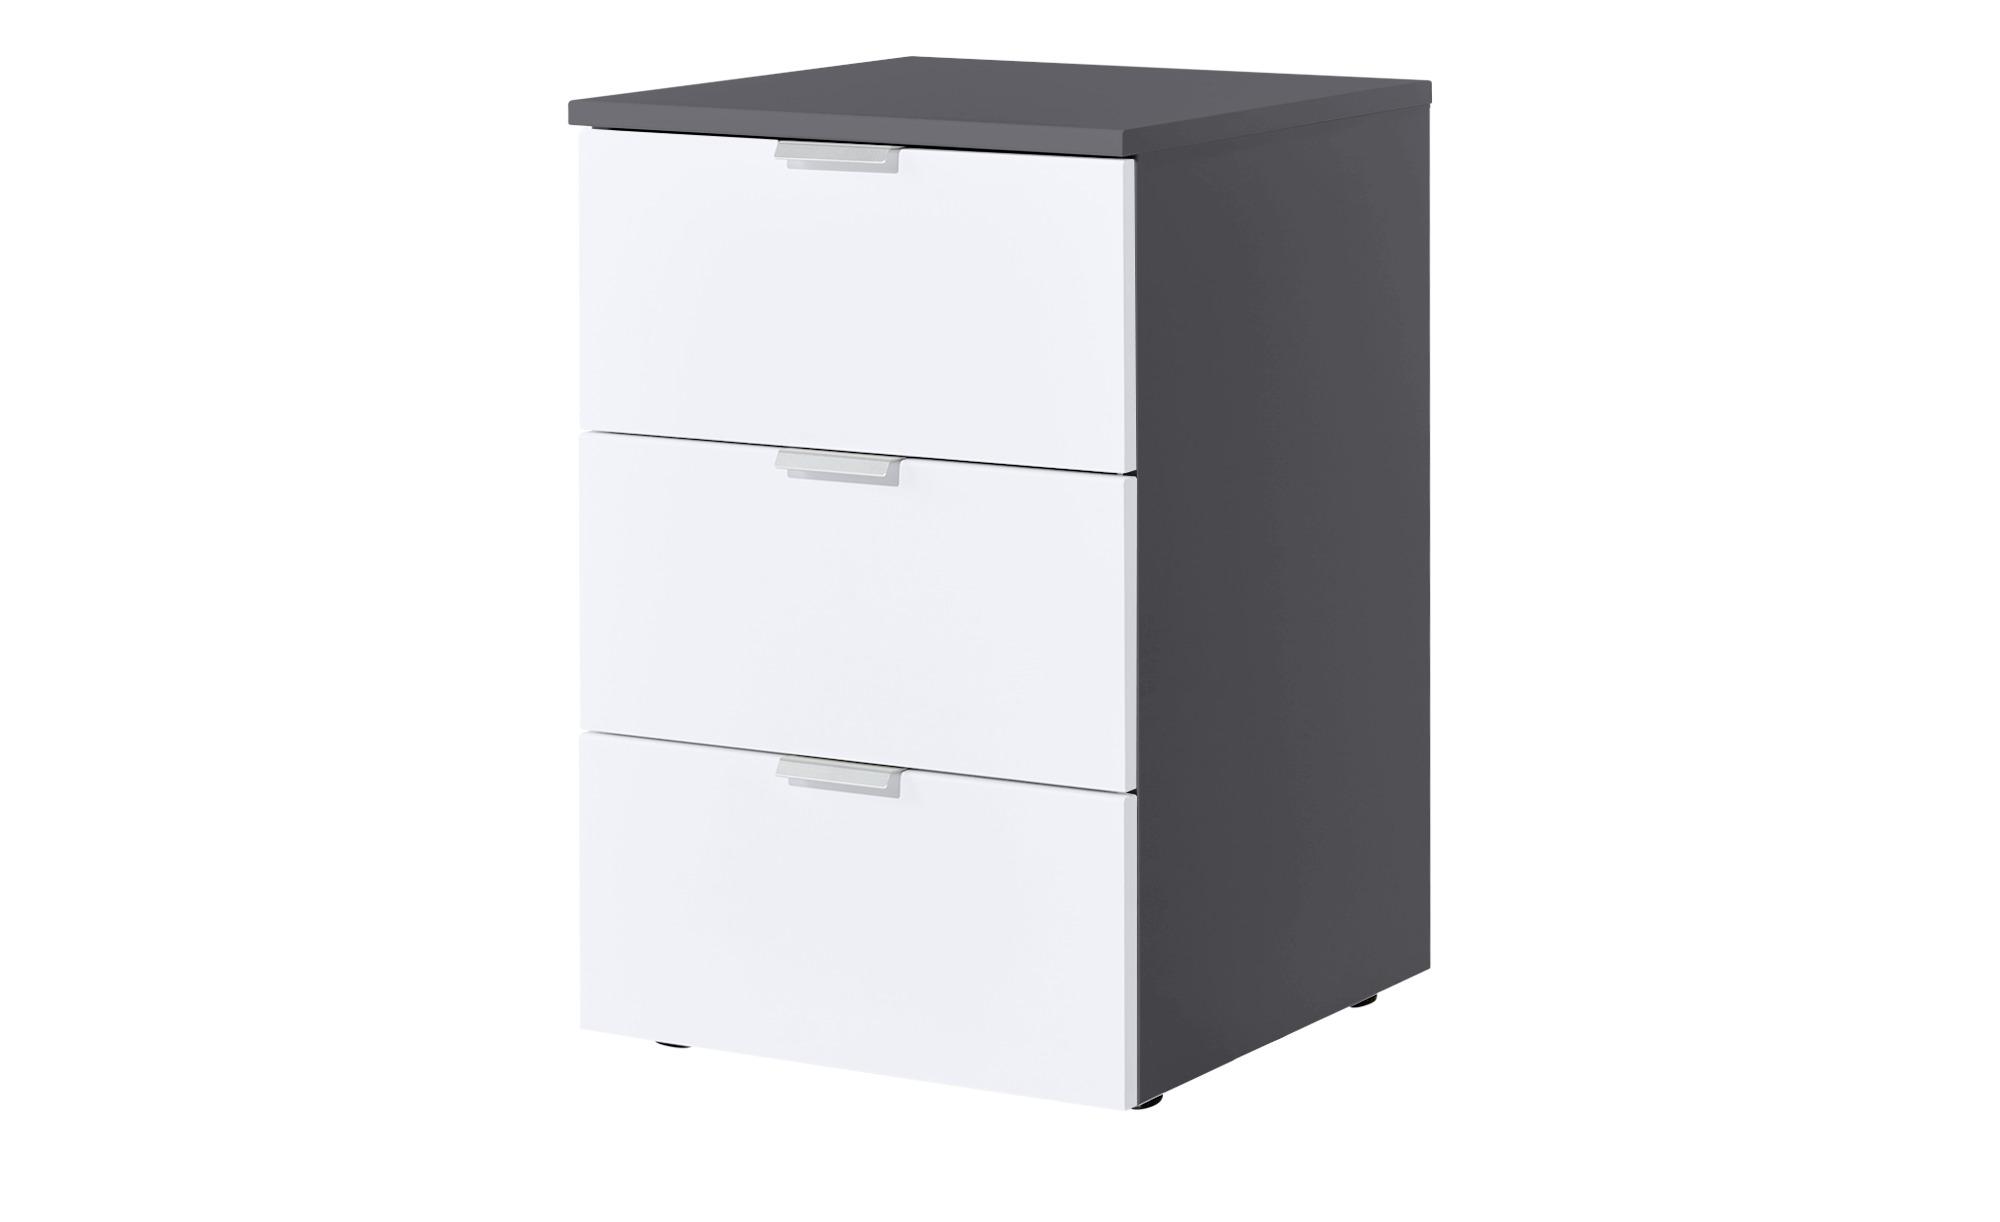 nachtkommode dreamer breite 40 cm h he 61 cm grau online kaufen bei woonio. Black Bedroom Furniture Sets. Home Design Ideas